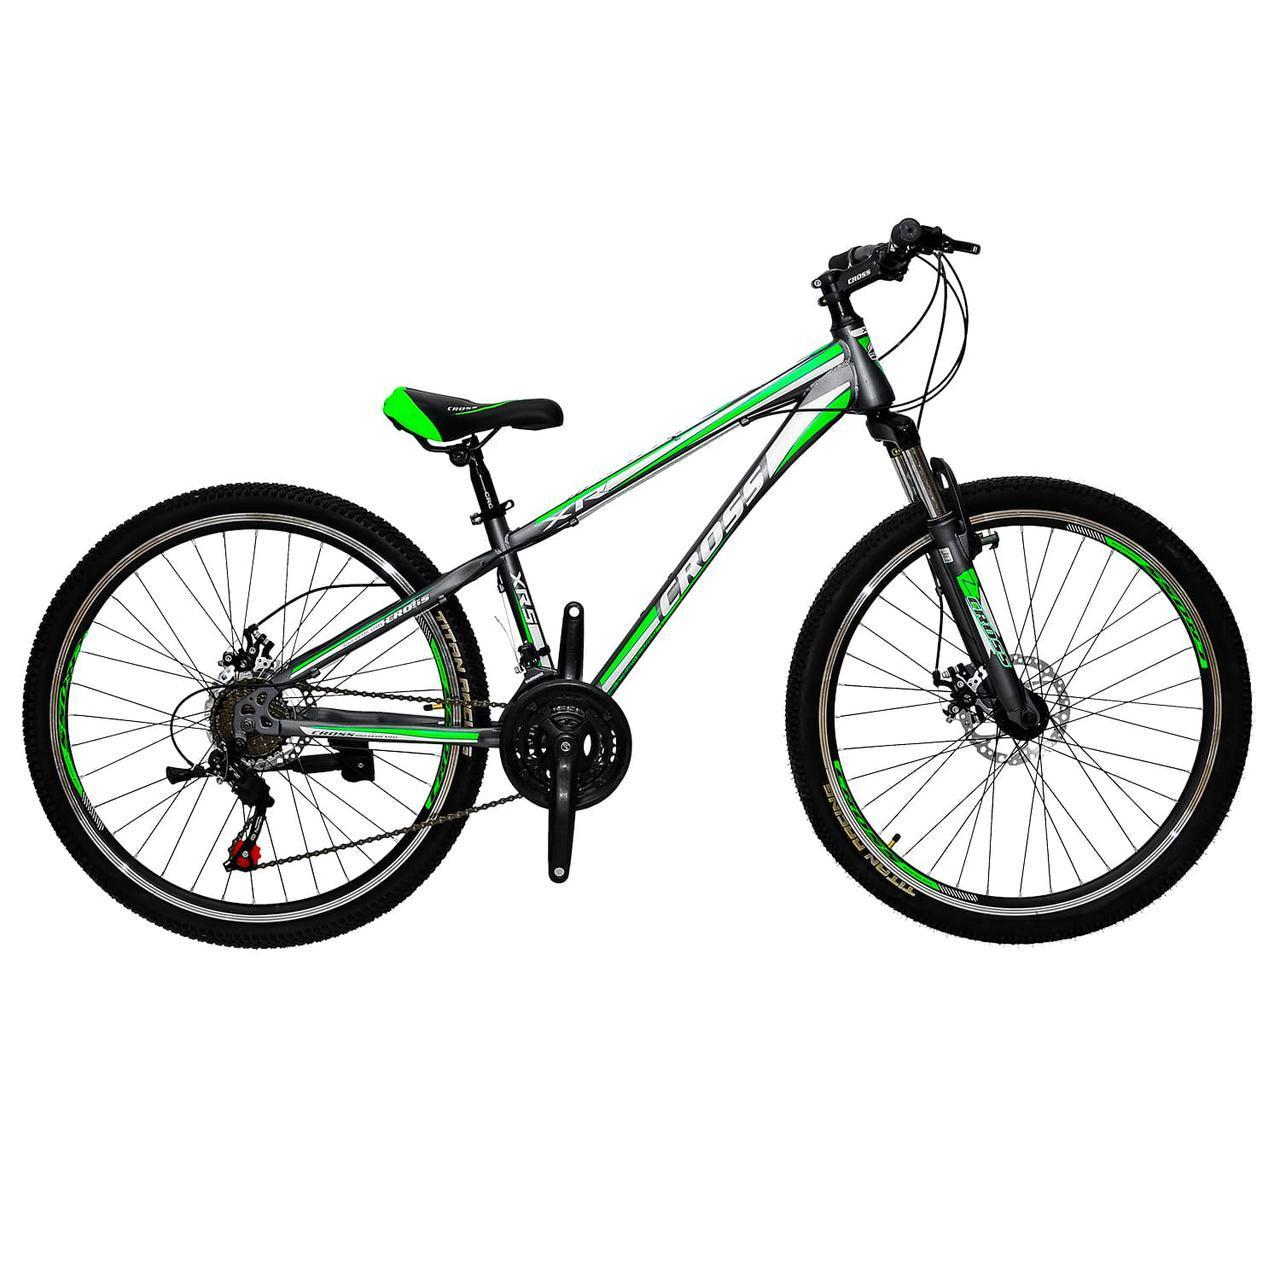 🚲Горный стальной дисковый велосипед (взросло-подростковый) CROSS RACER (21 speed, полуавтоматы); рама 13; колеса 26